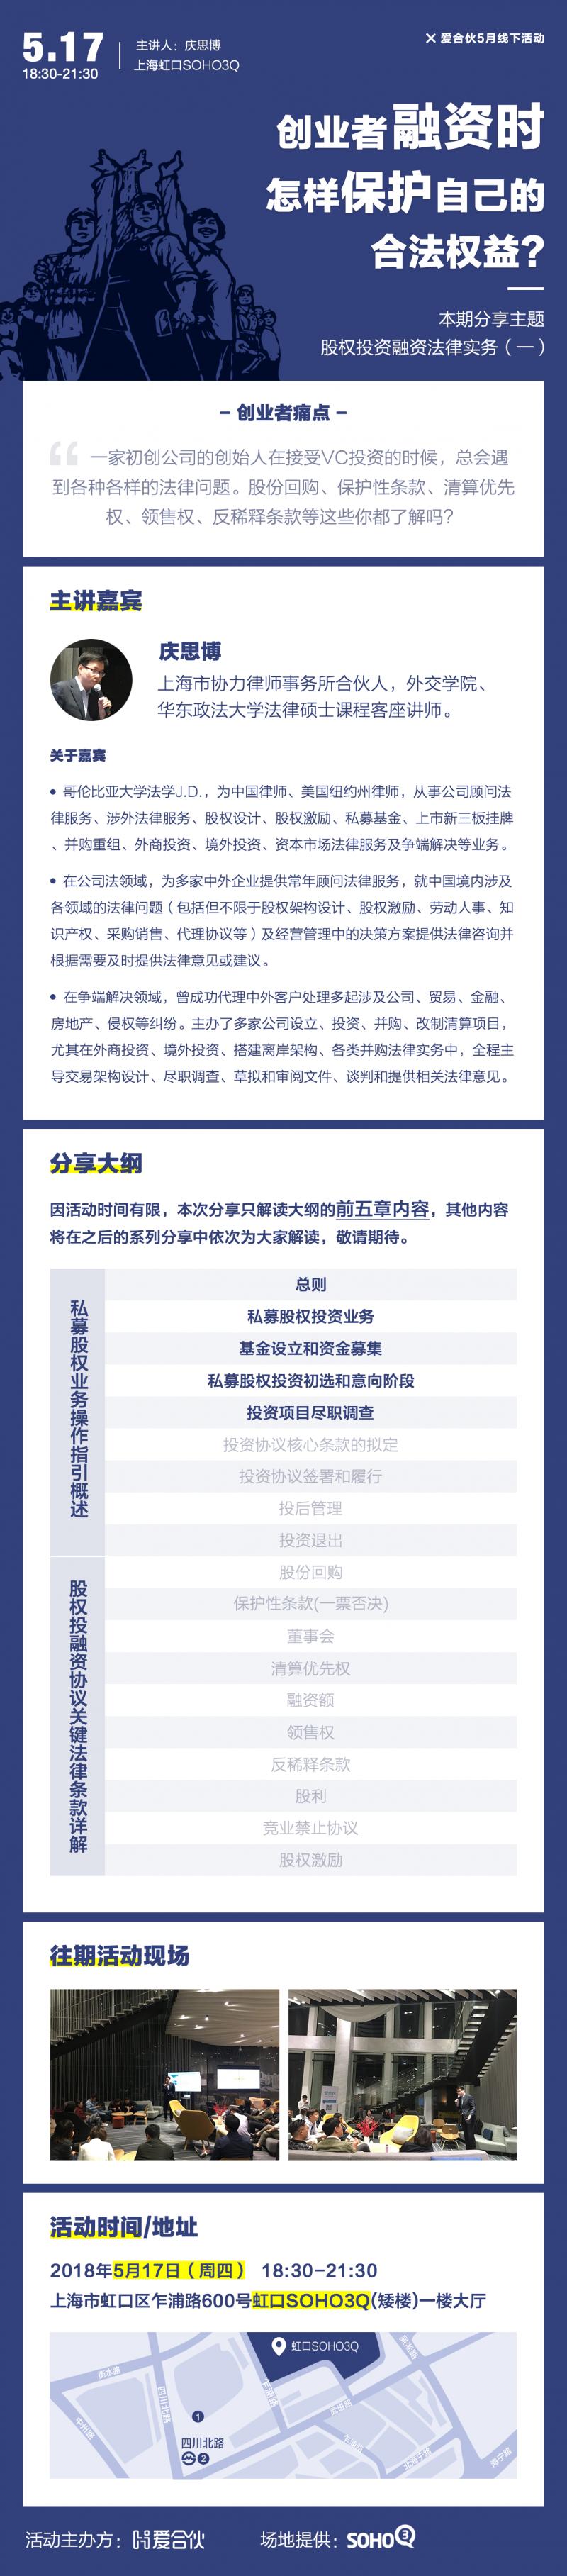 180517.股权投资融资法律实务-无码版.png